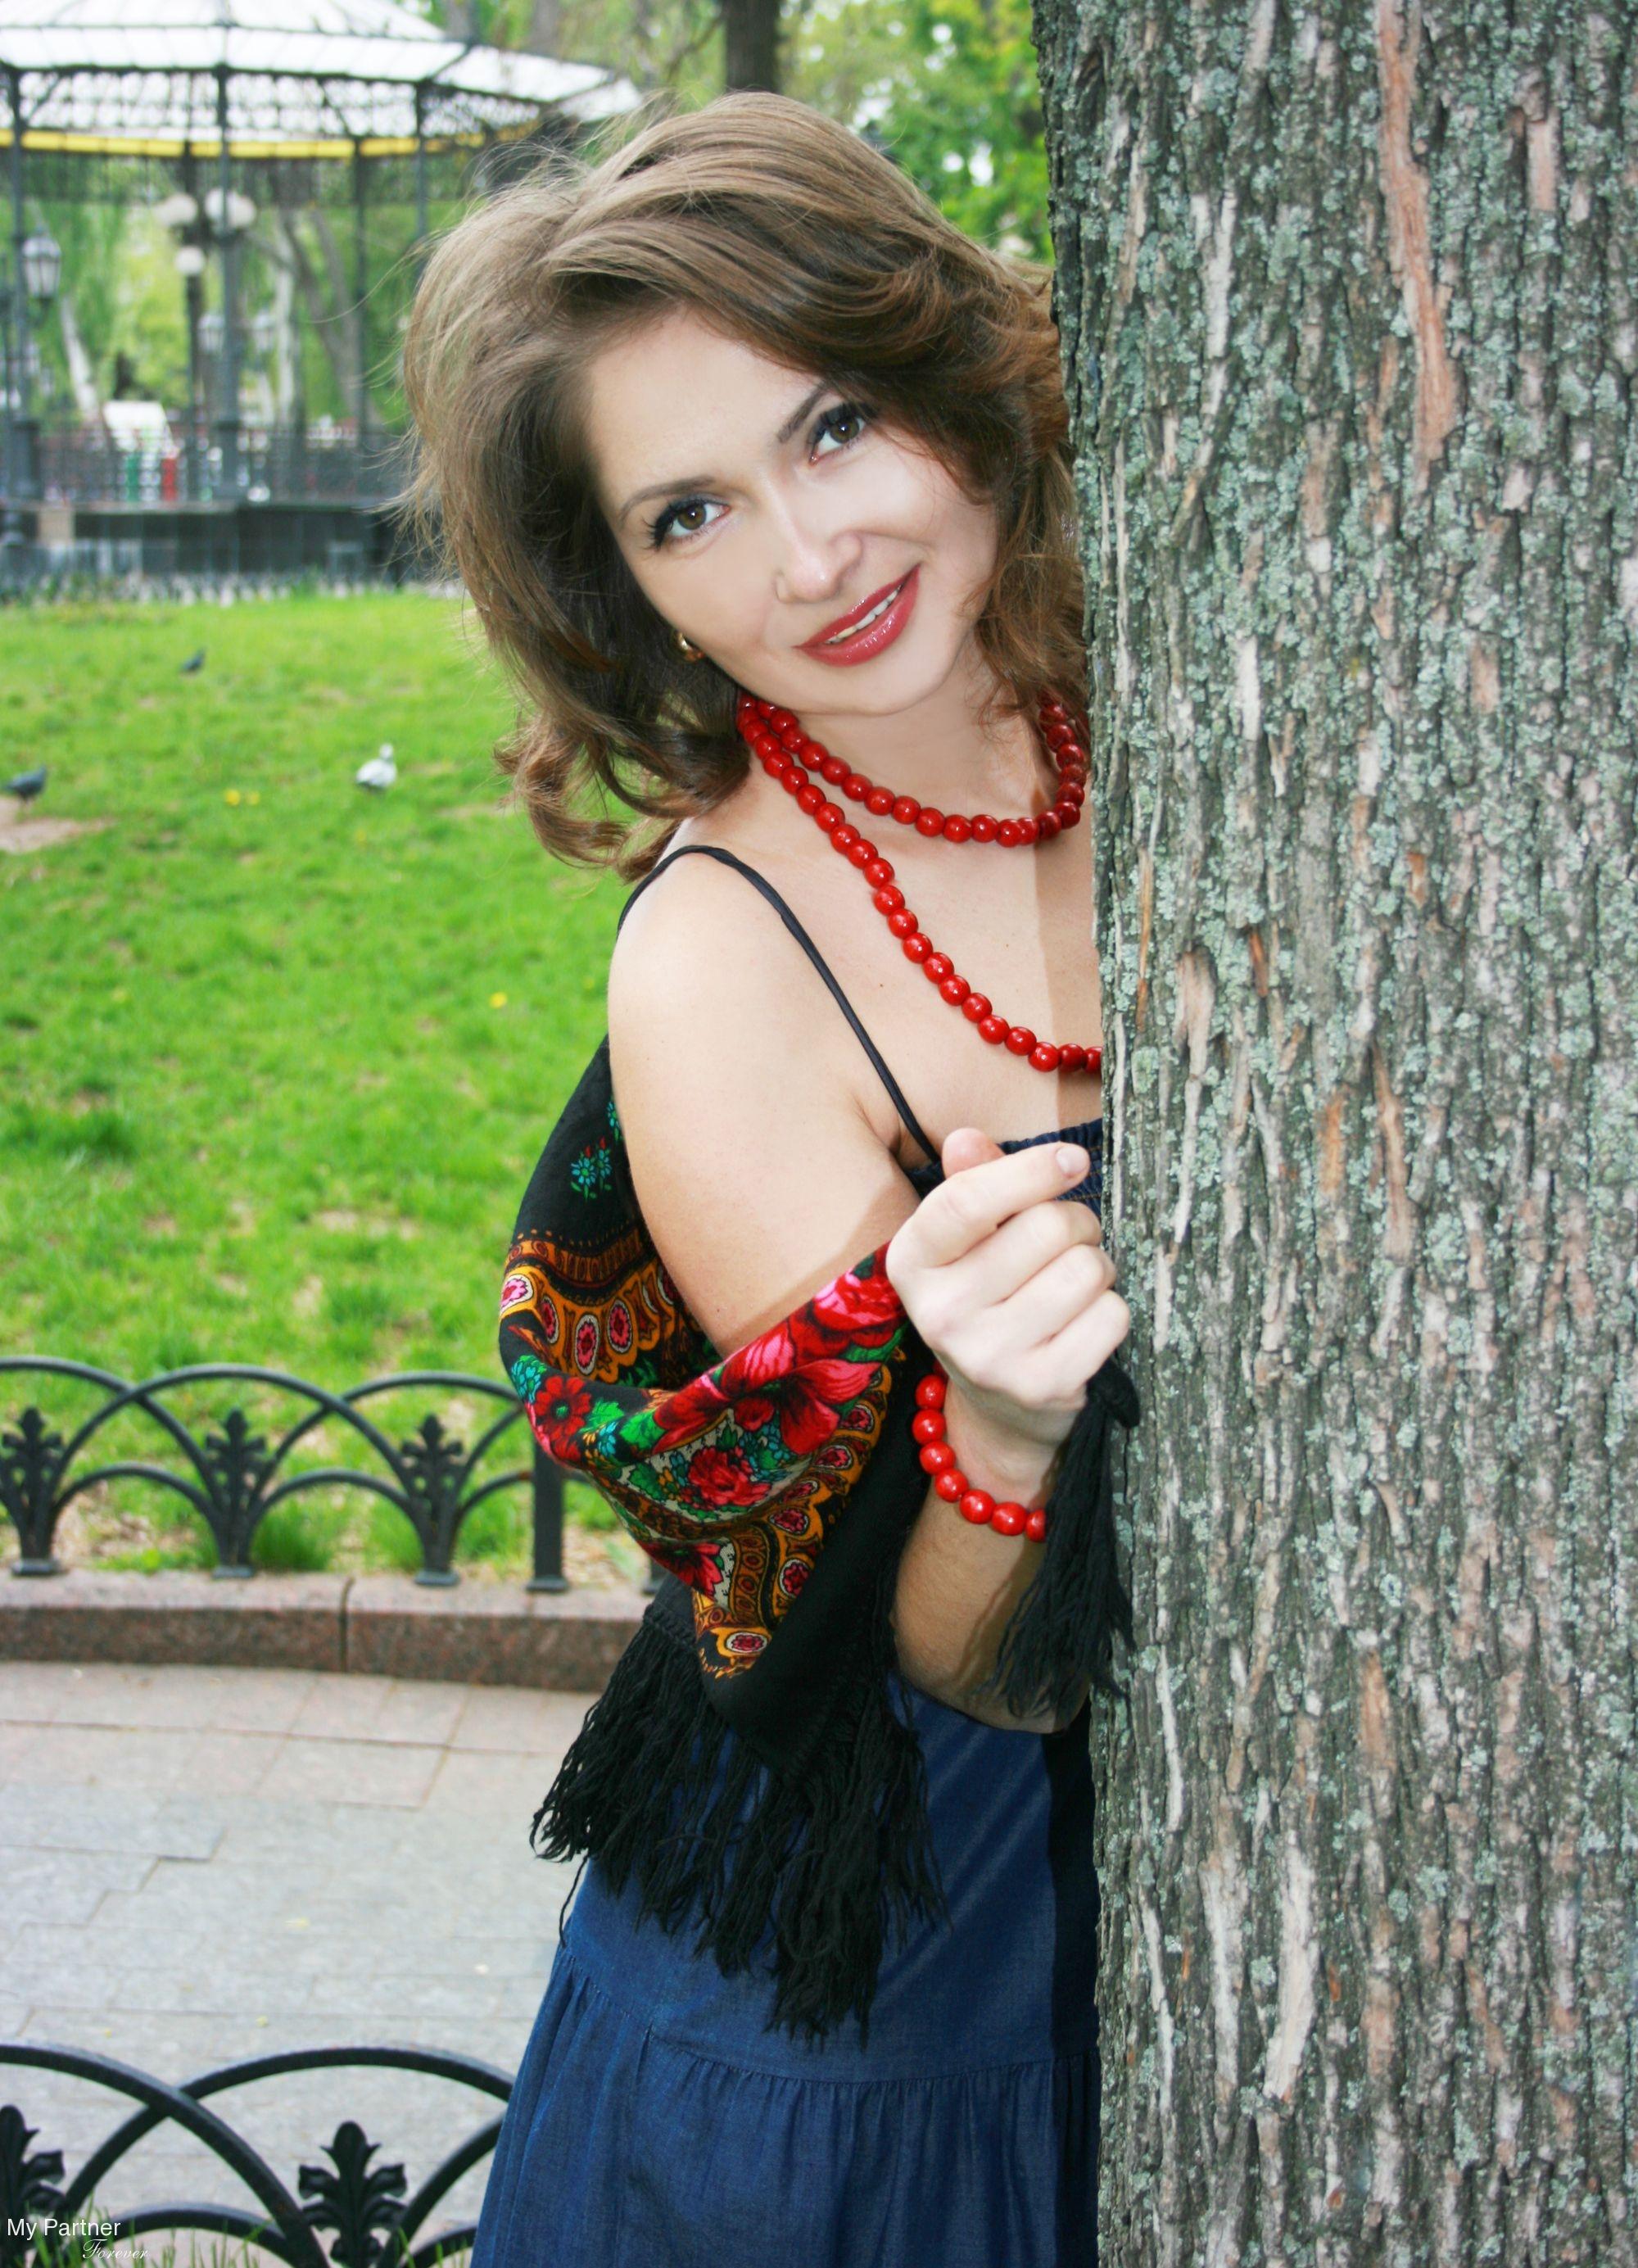 Olga dating